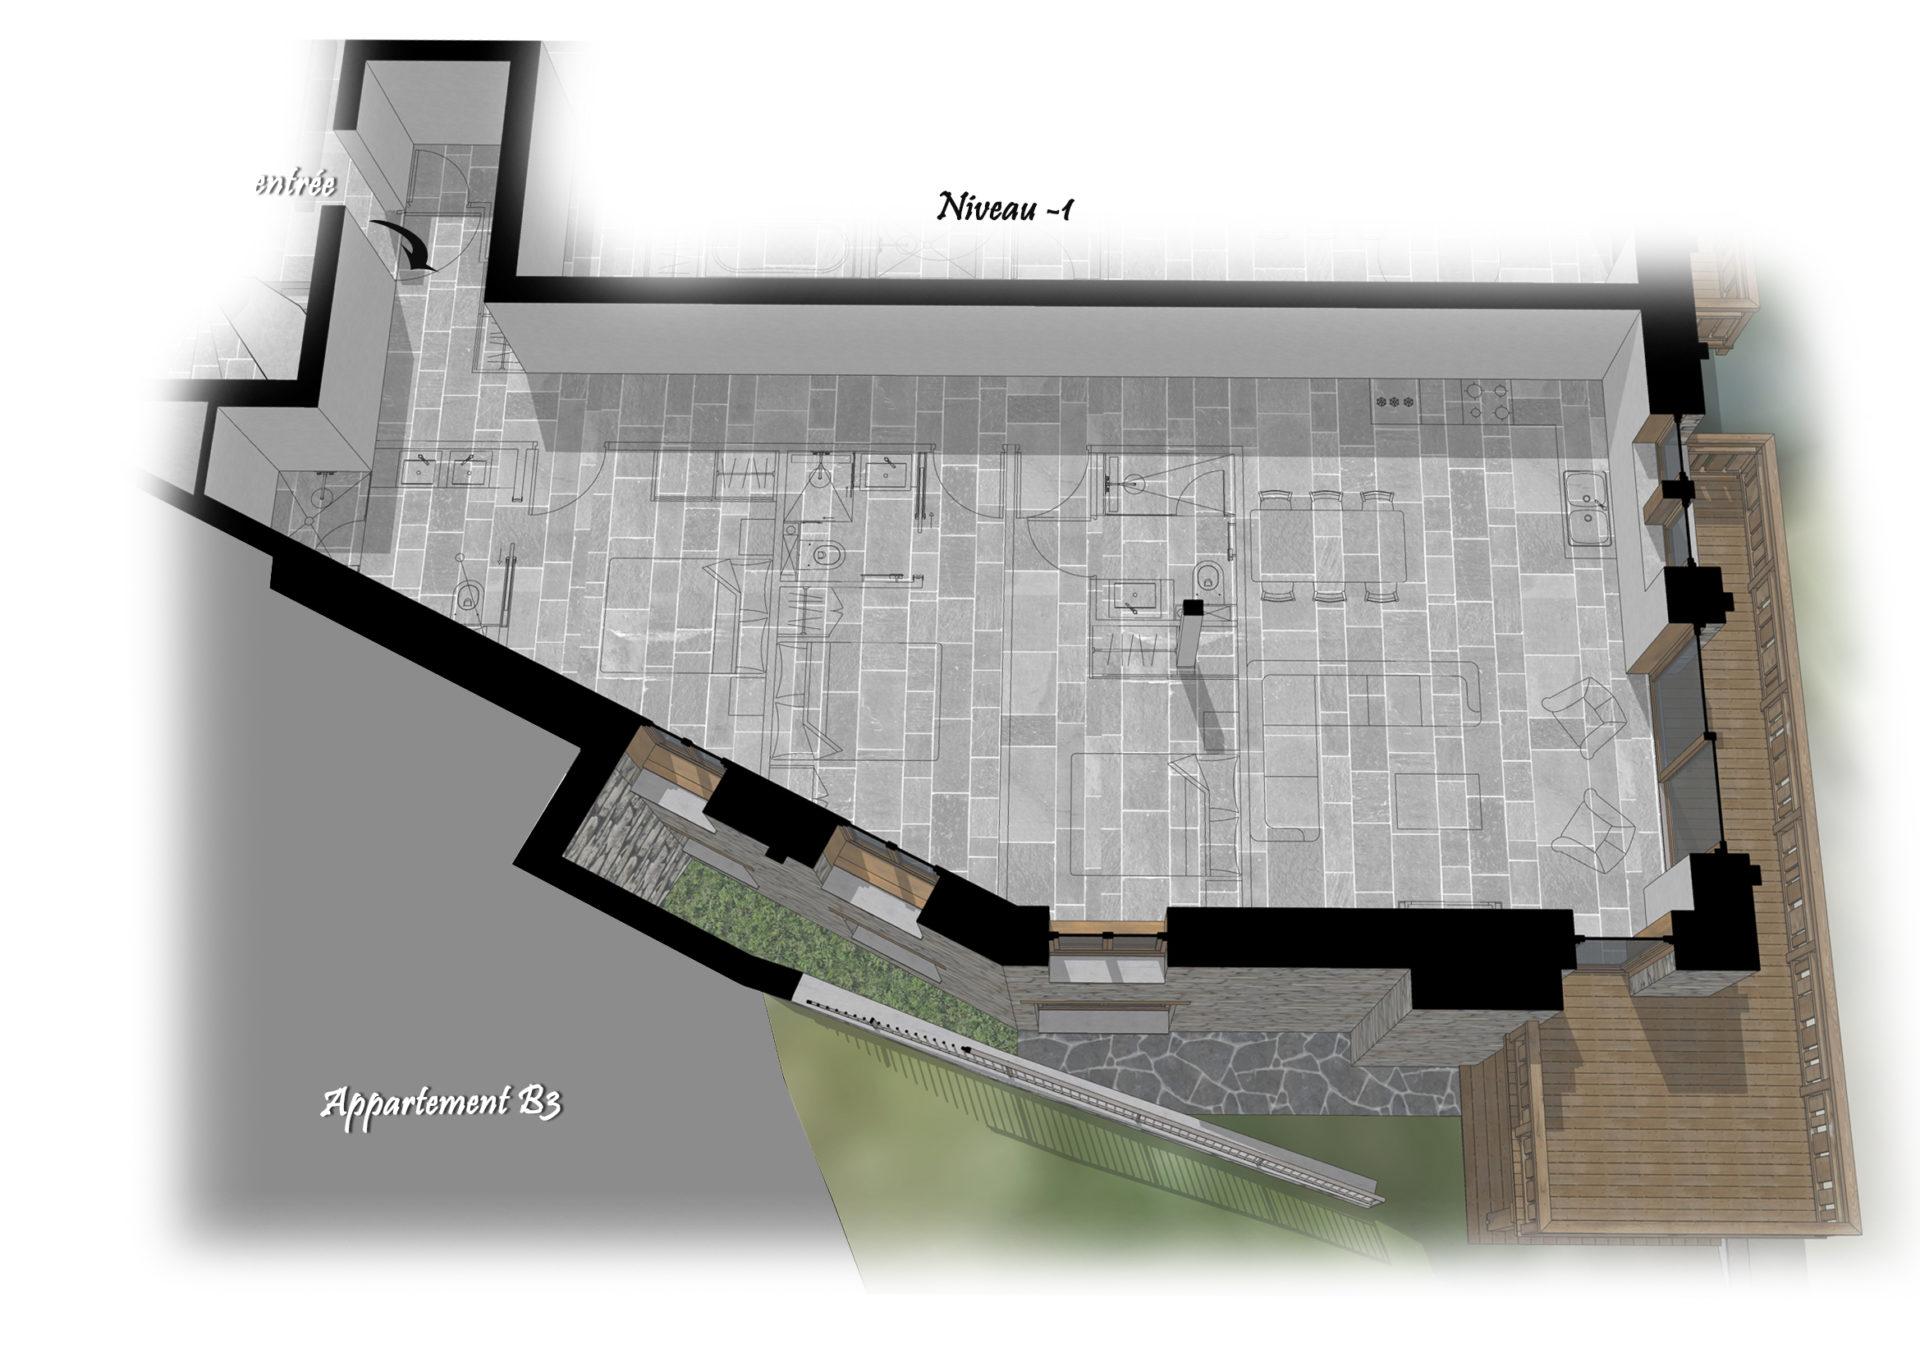 Les Chalets du Cheval Noir - Appartement B4 - Niveau -1 Saint Martin de Belleville Savoie France